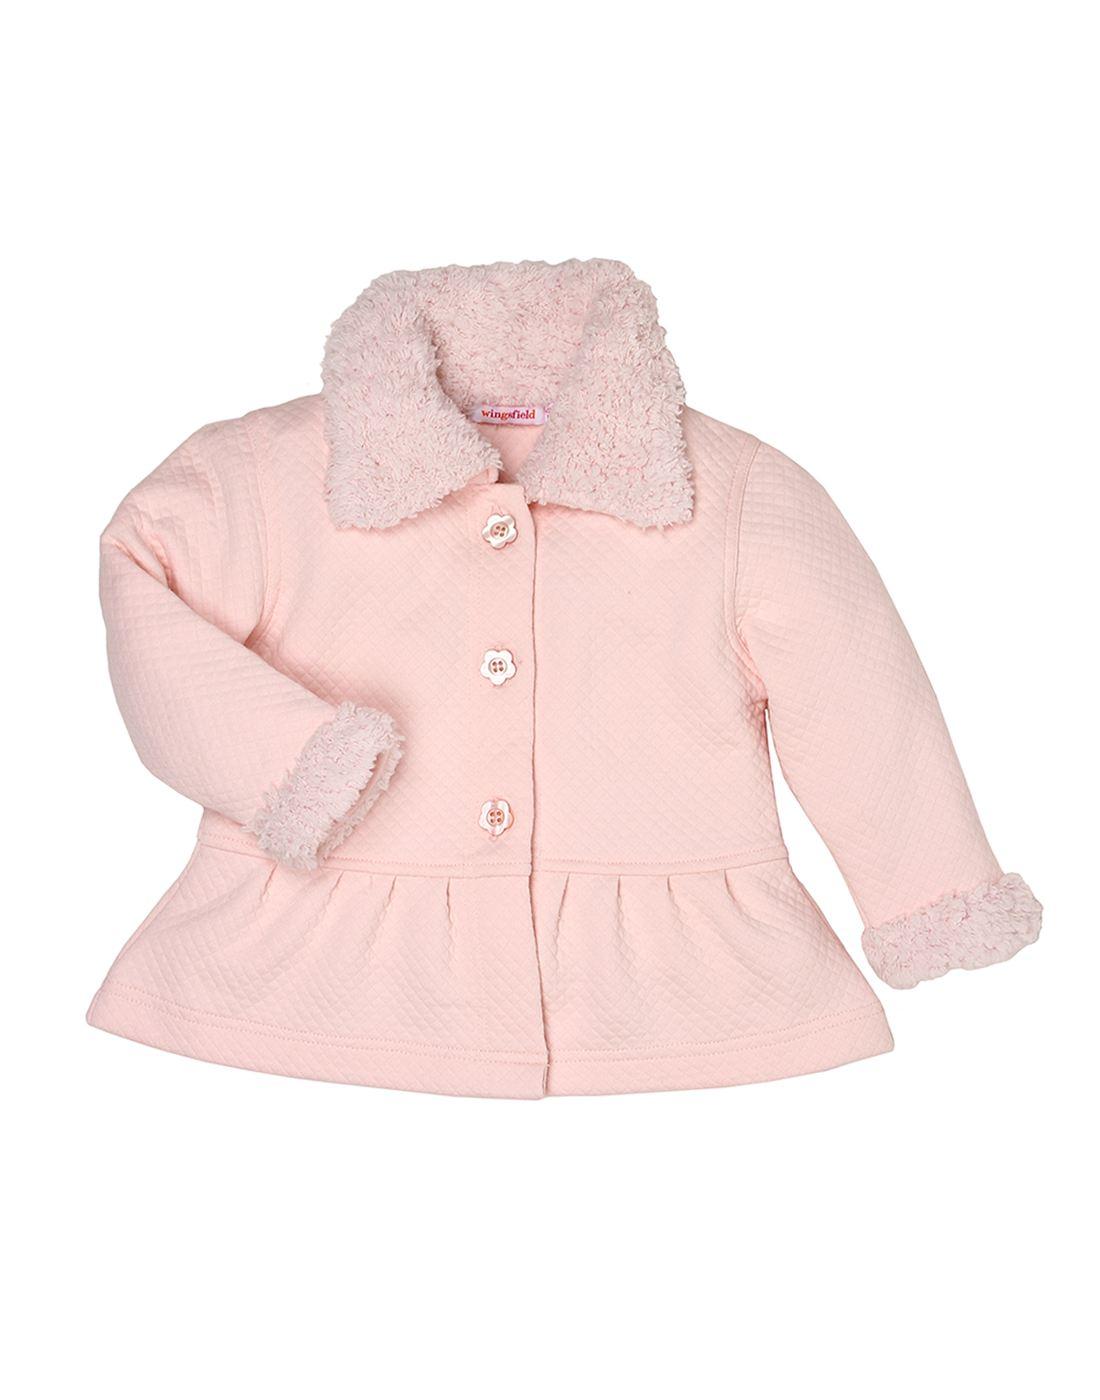 Wingsfield Pink Baby Girl Winter Wear Coat